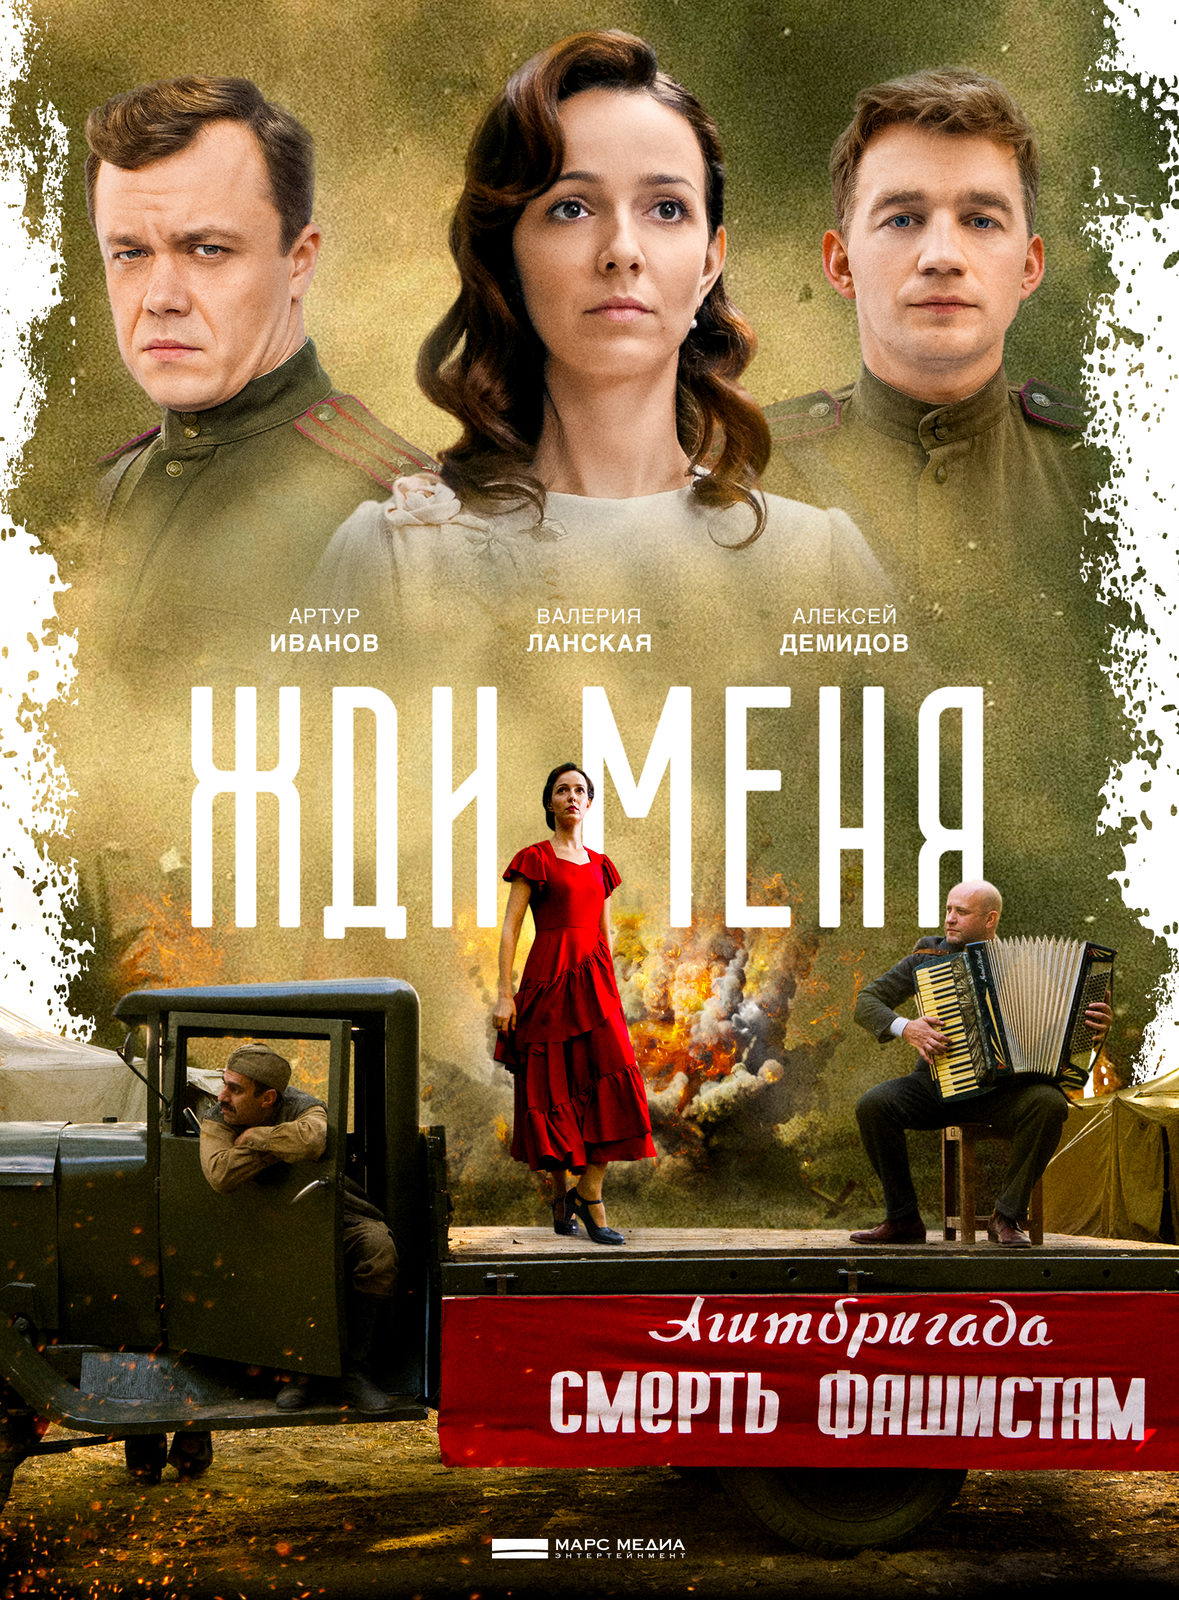 Валерия Ланская сыграла фронтовую певицу в военной драме «Жди меня»